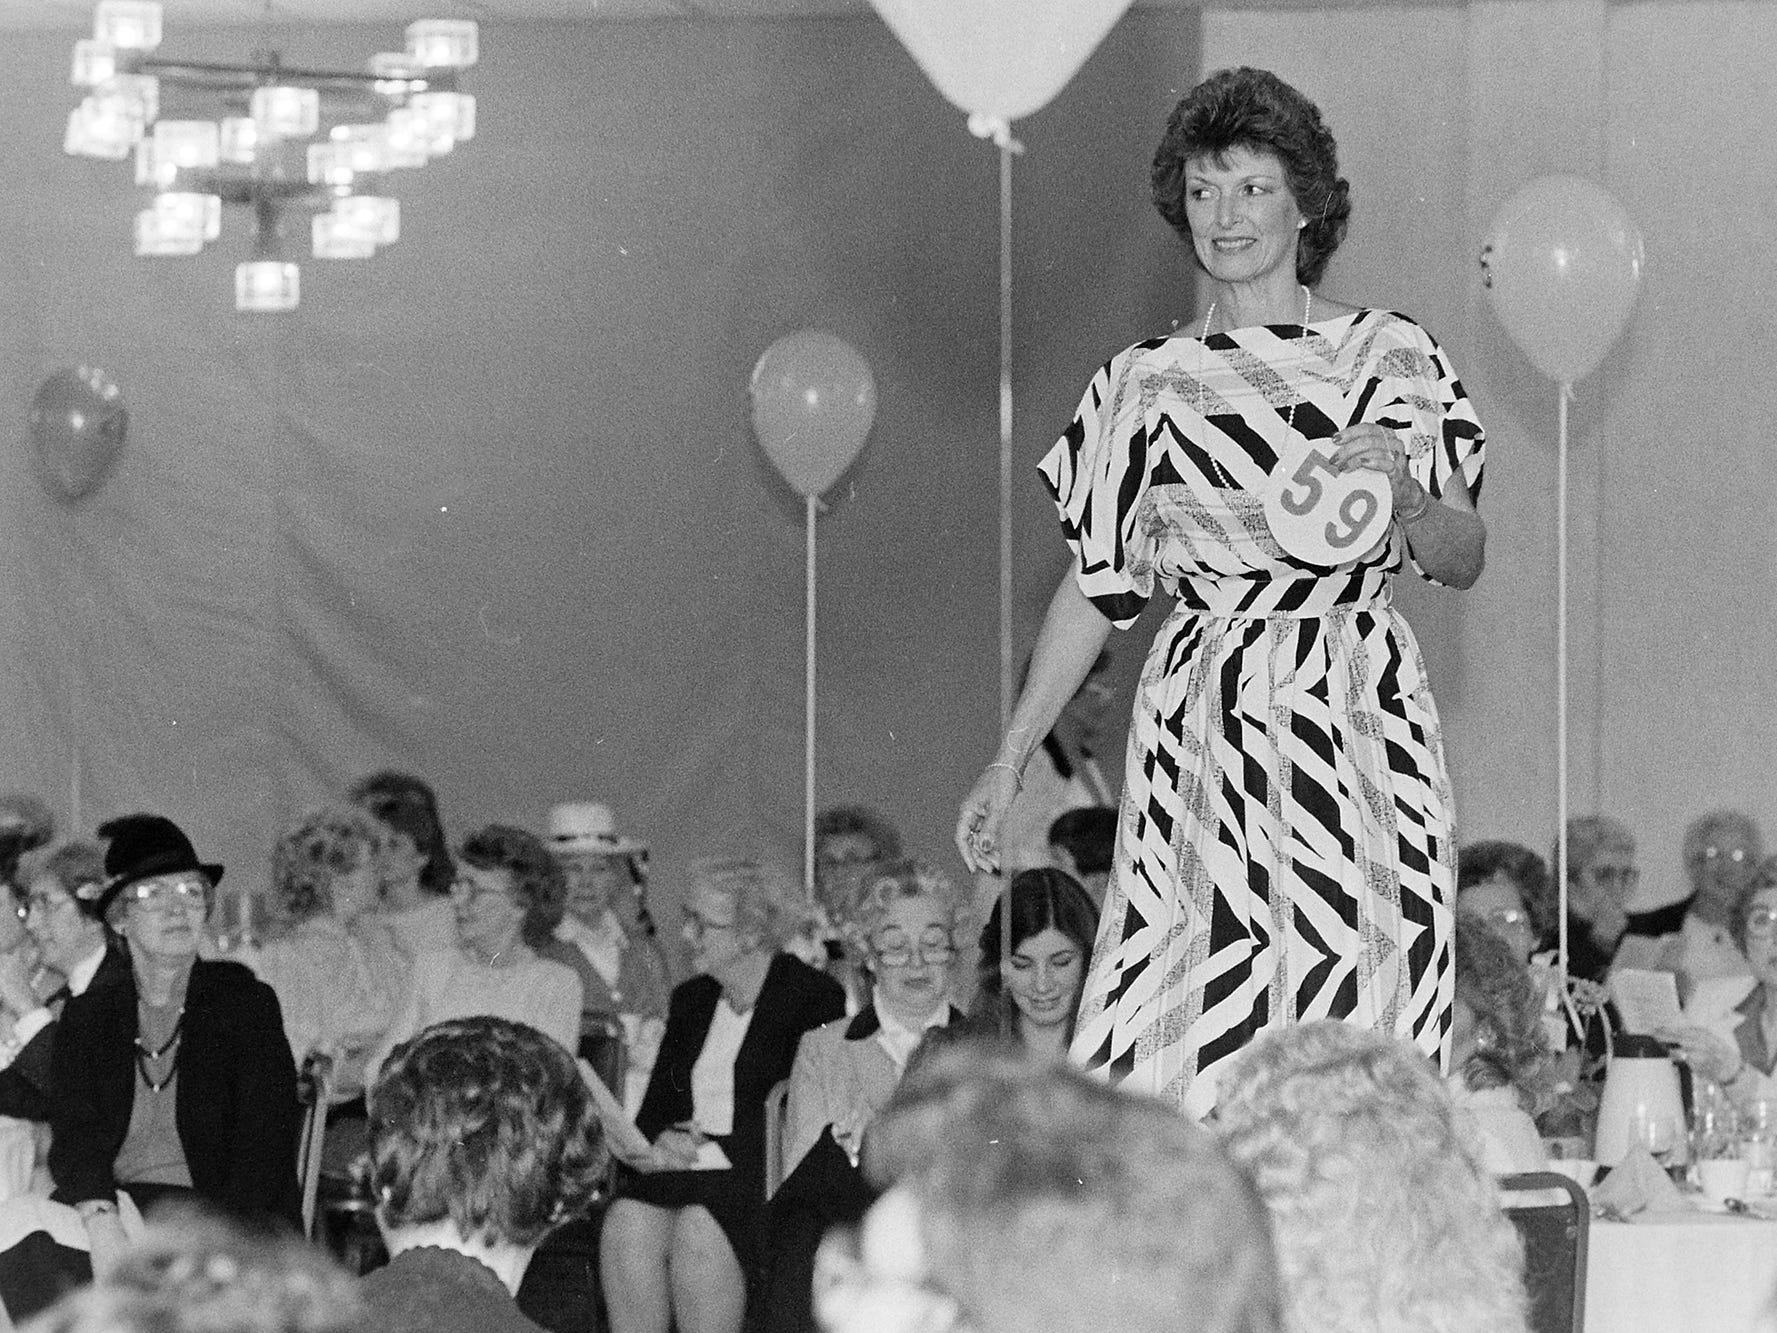 04/12/84Harrison Hospital Fashion Show